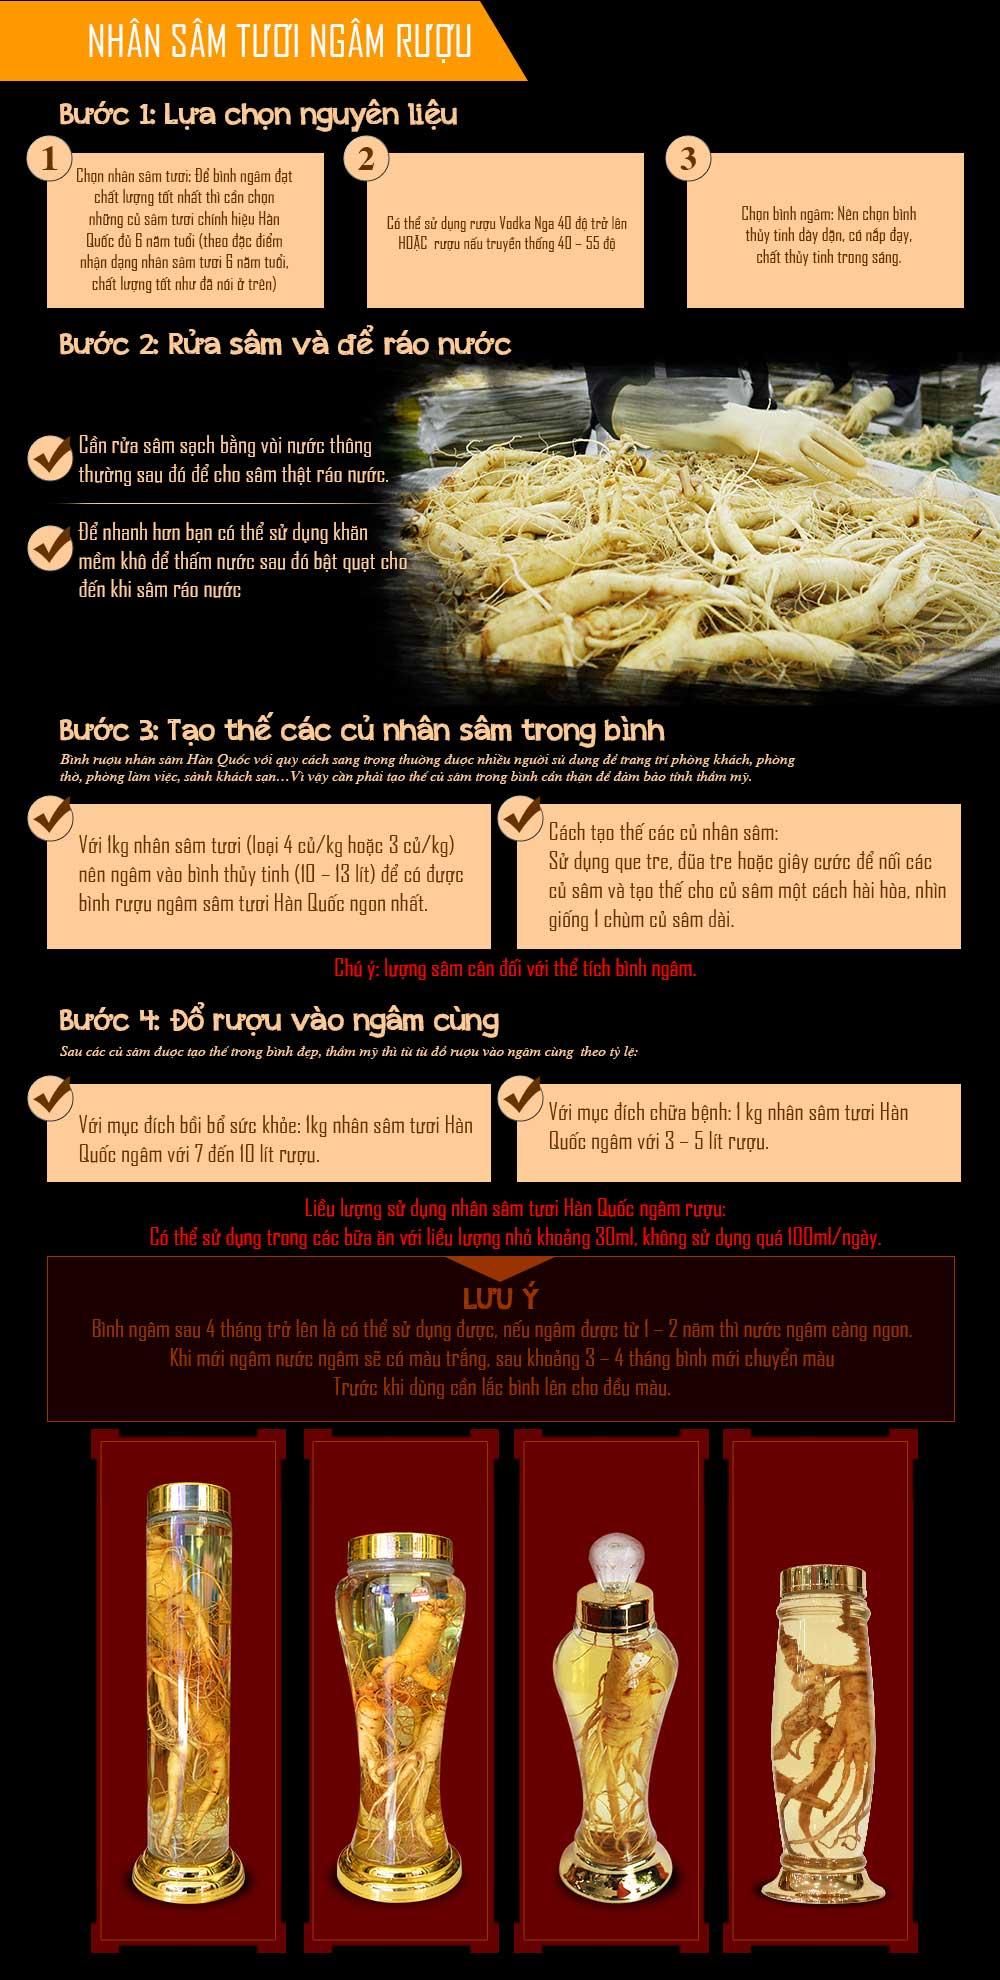 5 Tác dụng tuyệt diệu của nhân sâm Hàn Quốc